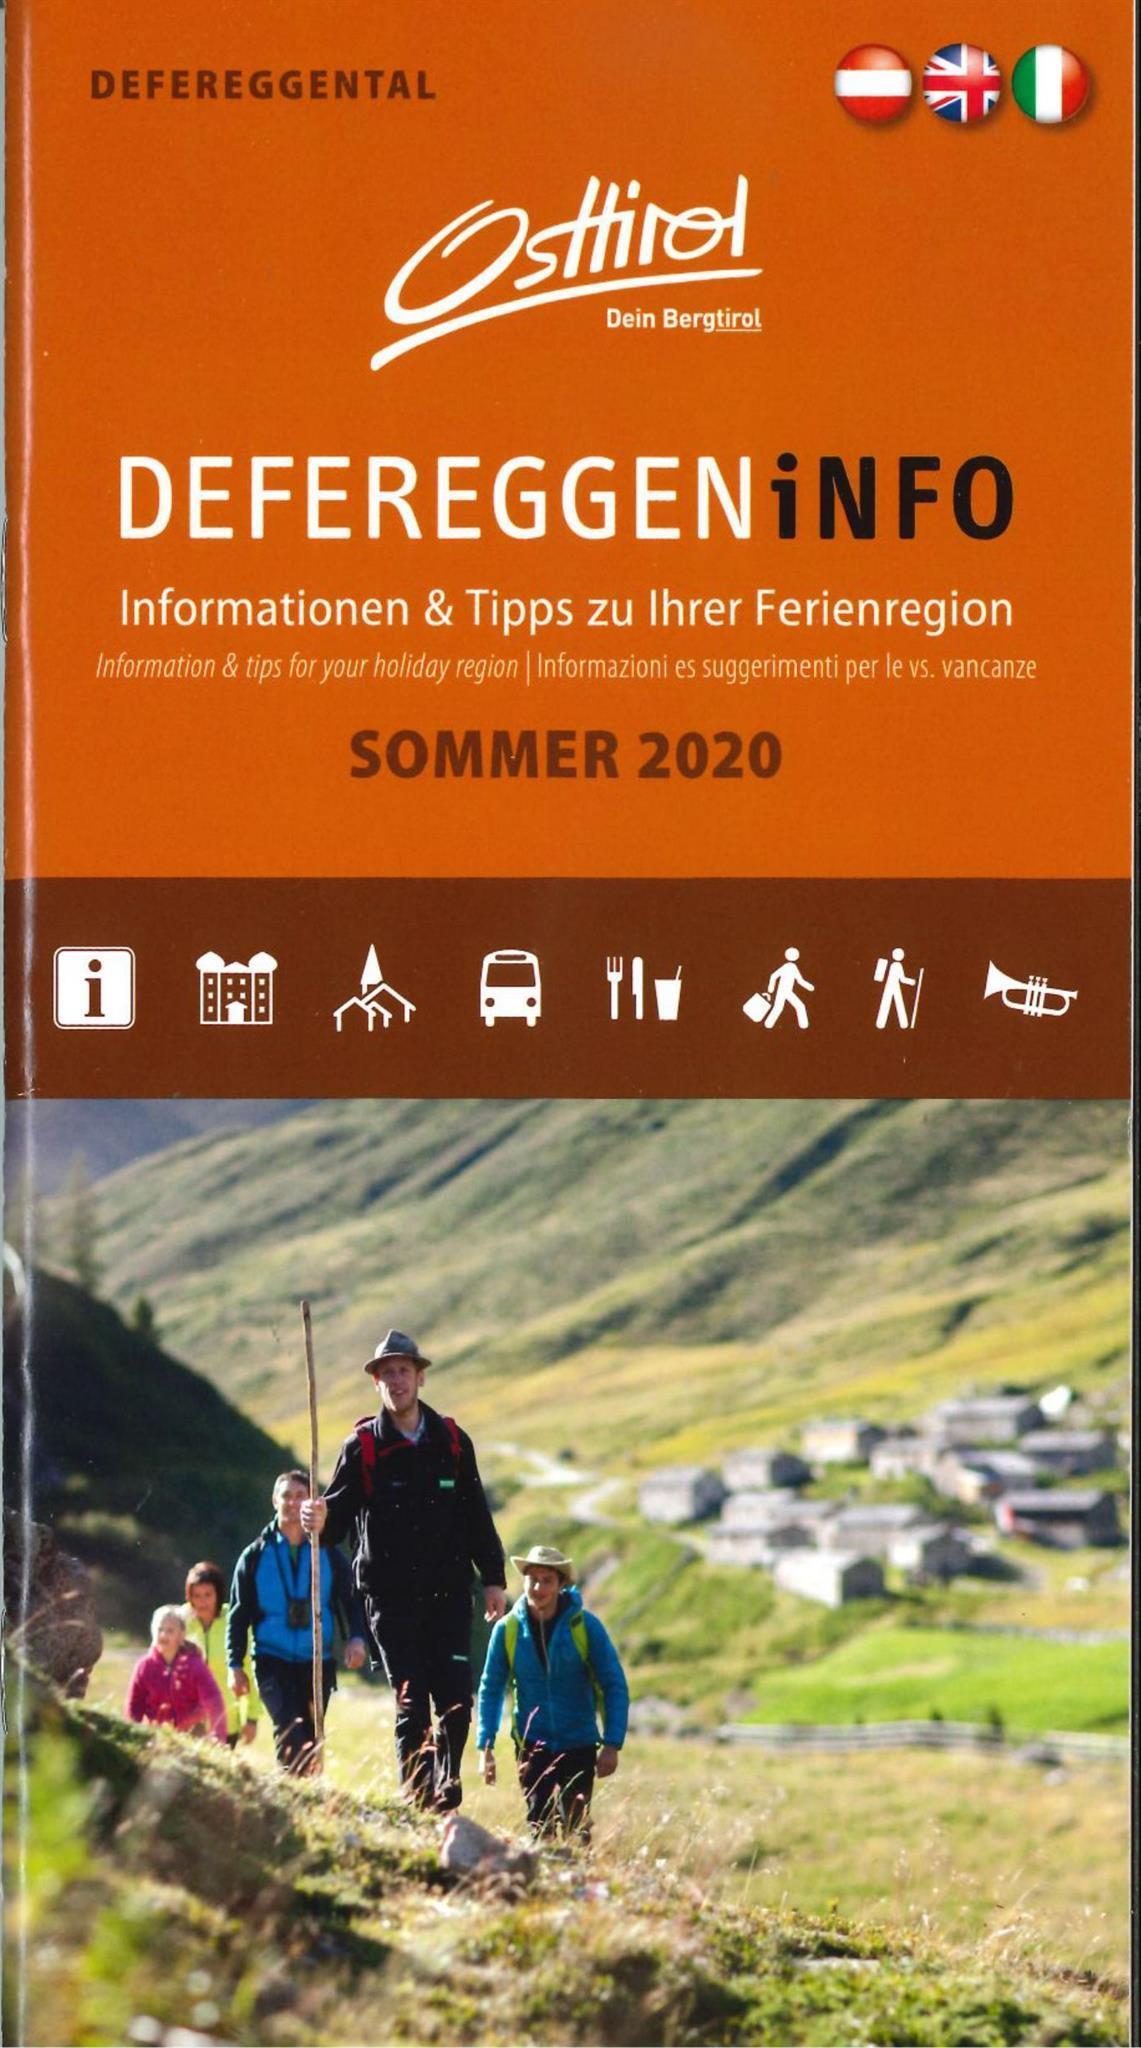 Defereggeninfo-Sommer-2020.jpg